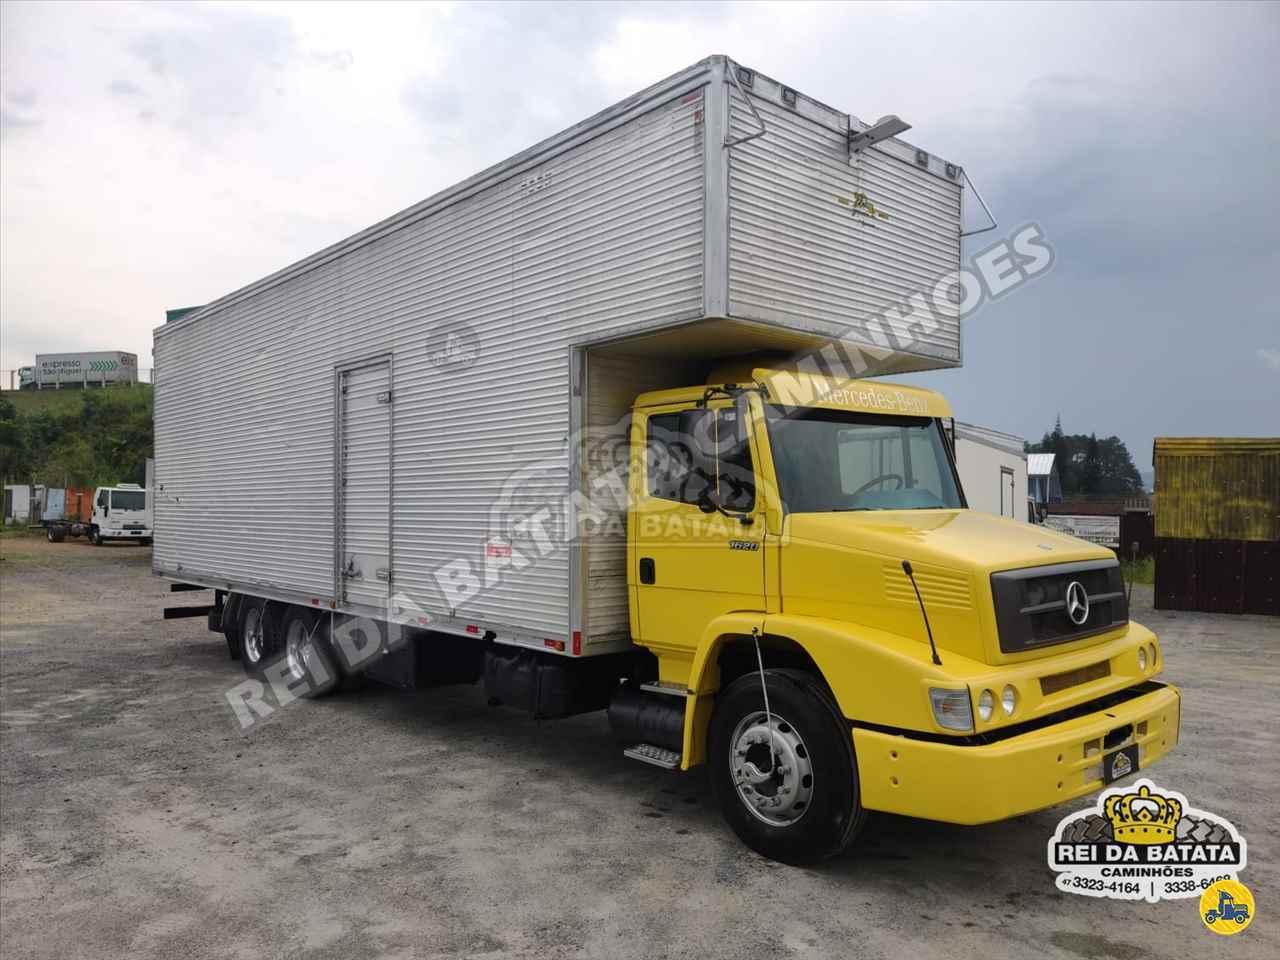 CAMINHAO MERCEDES-BENZ MB 1620 Baú Furgão Truck 6x2 Rei da Batata Caminhões BLUMENAU SANTA CATARINA SC